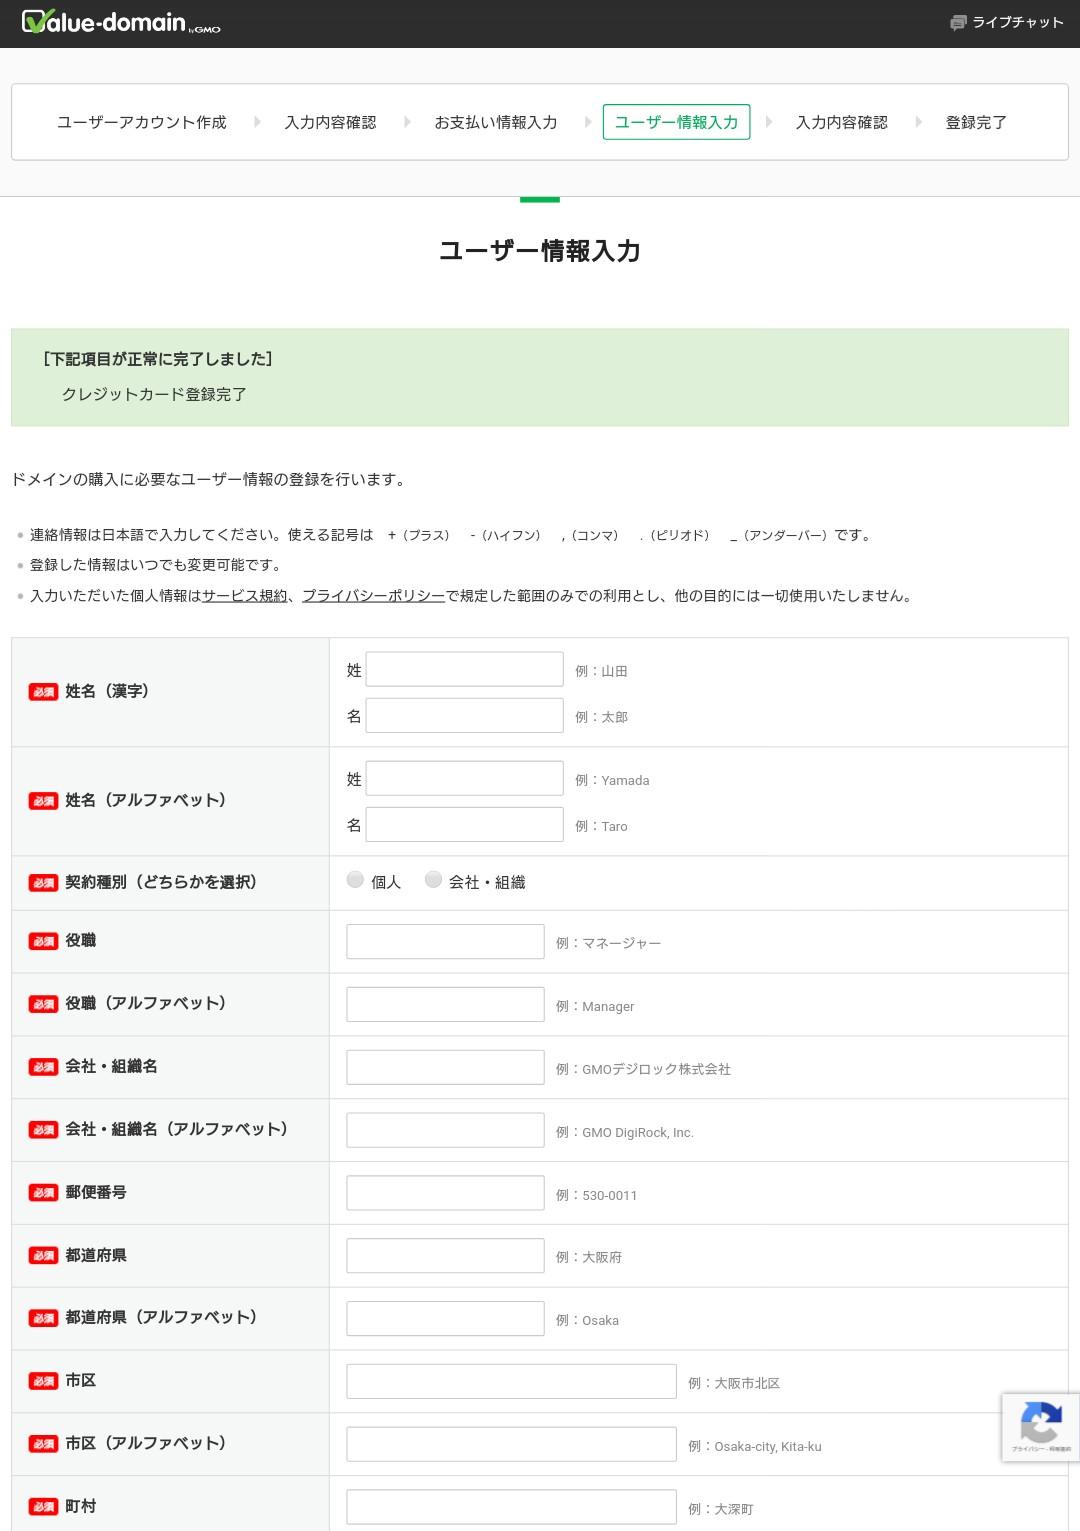 ユーザー情報入力画面(バリュードメイン)